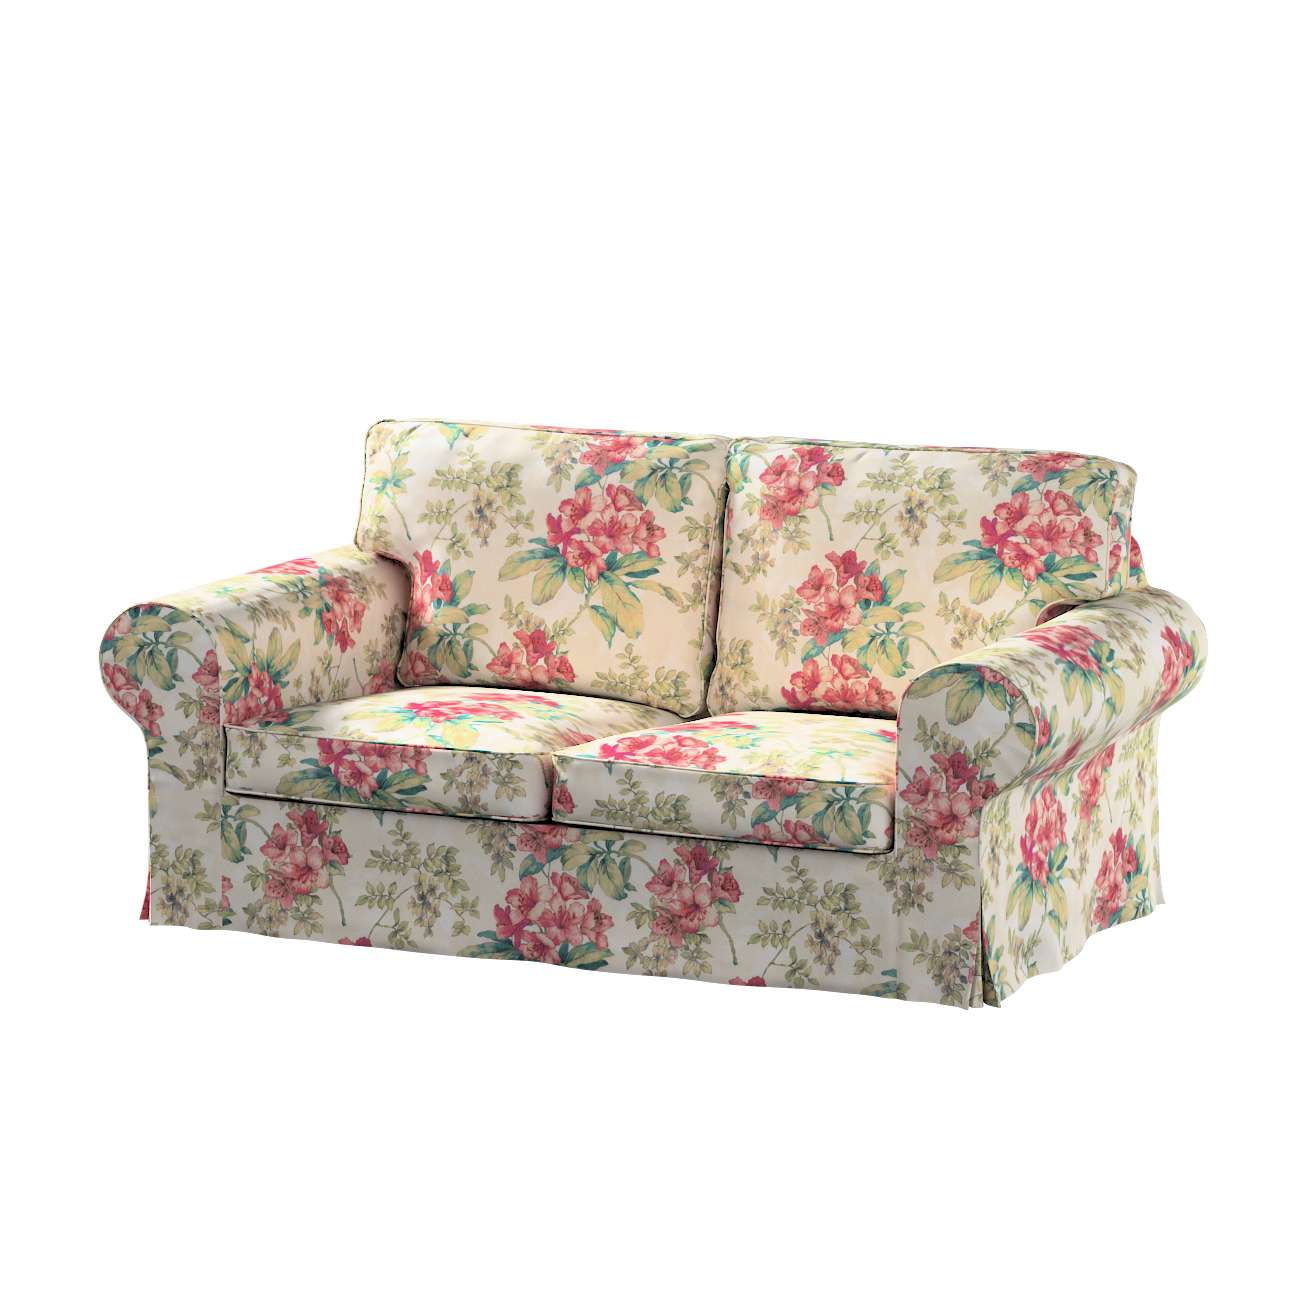 Pokrowiec na sofę Ektorp 2-osobową rozkładaną, model po 2012 w kolekcji Londres, tkanina: 143-40